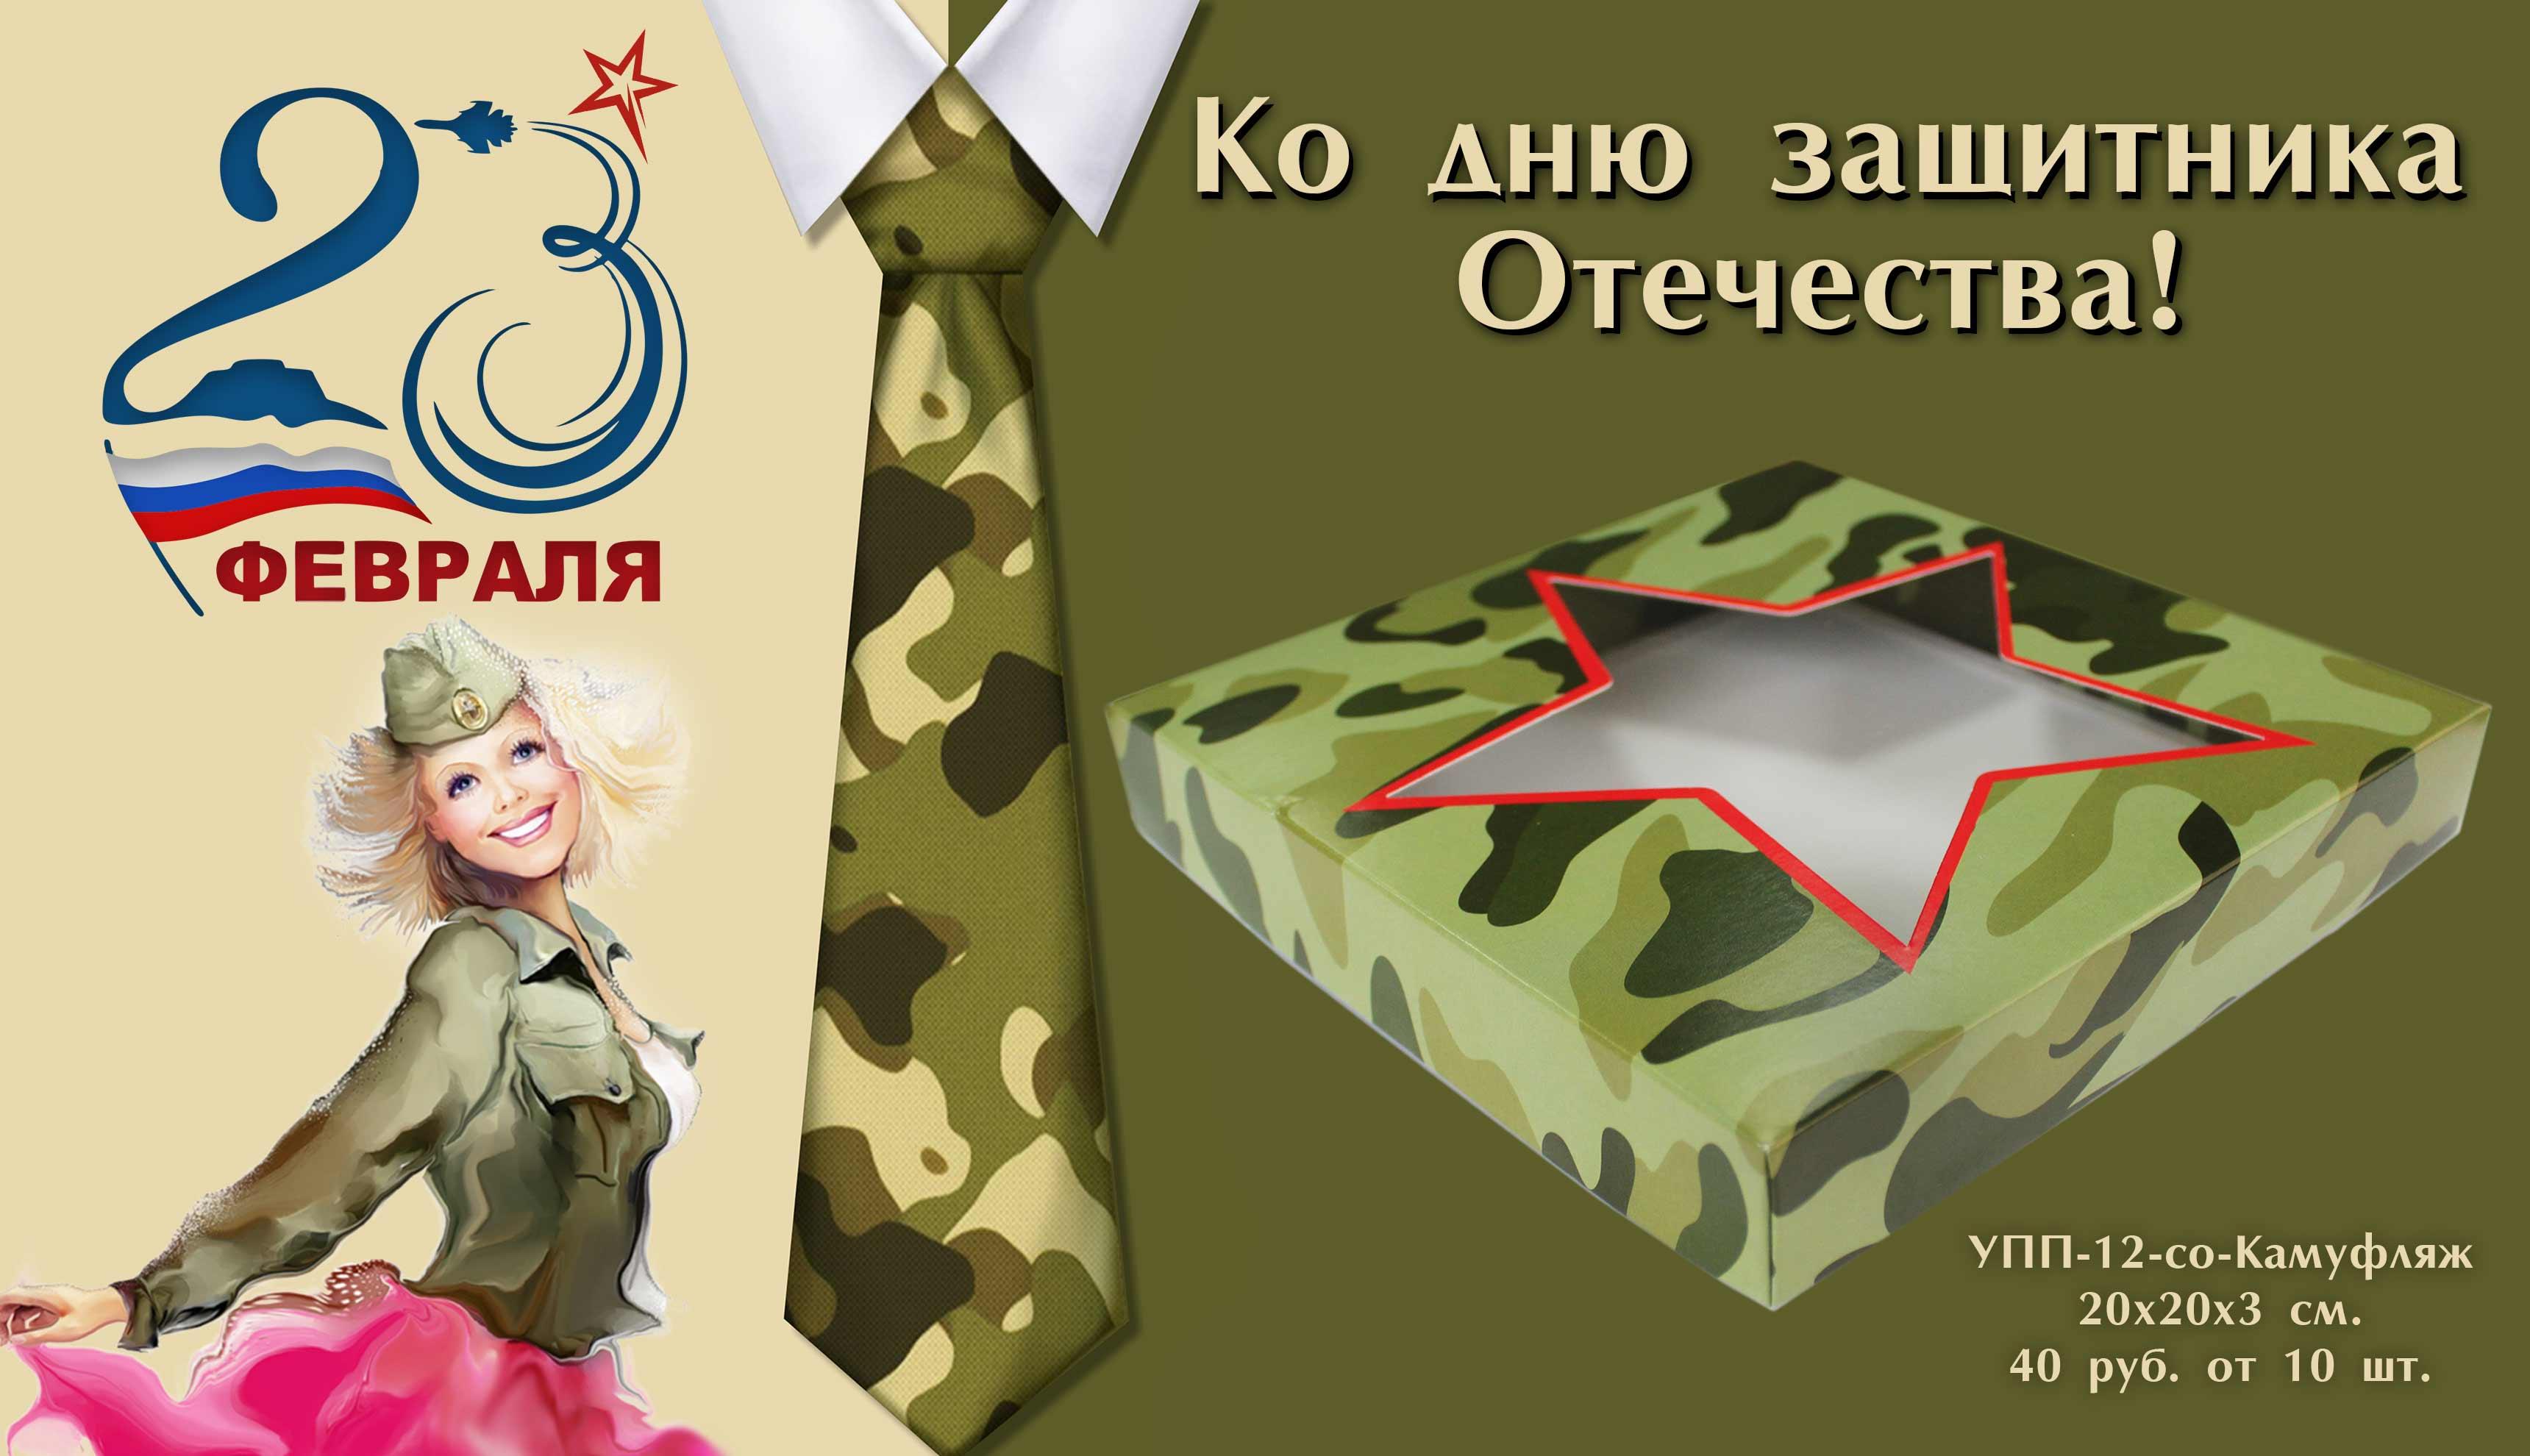 УПП-12-со-Камуфляж